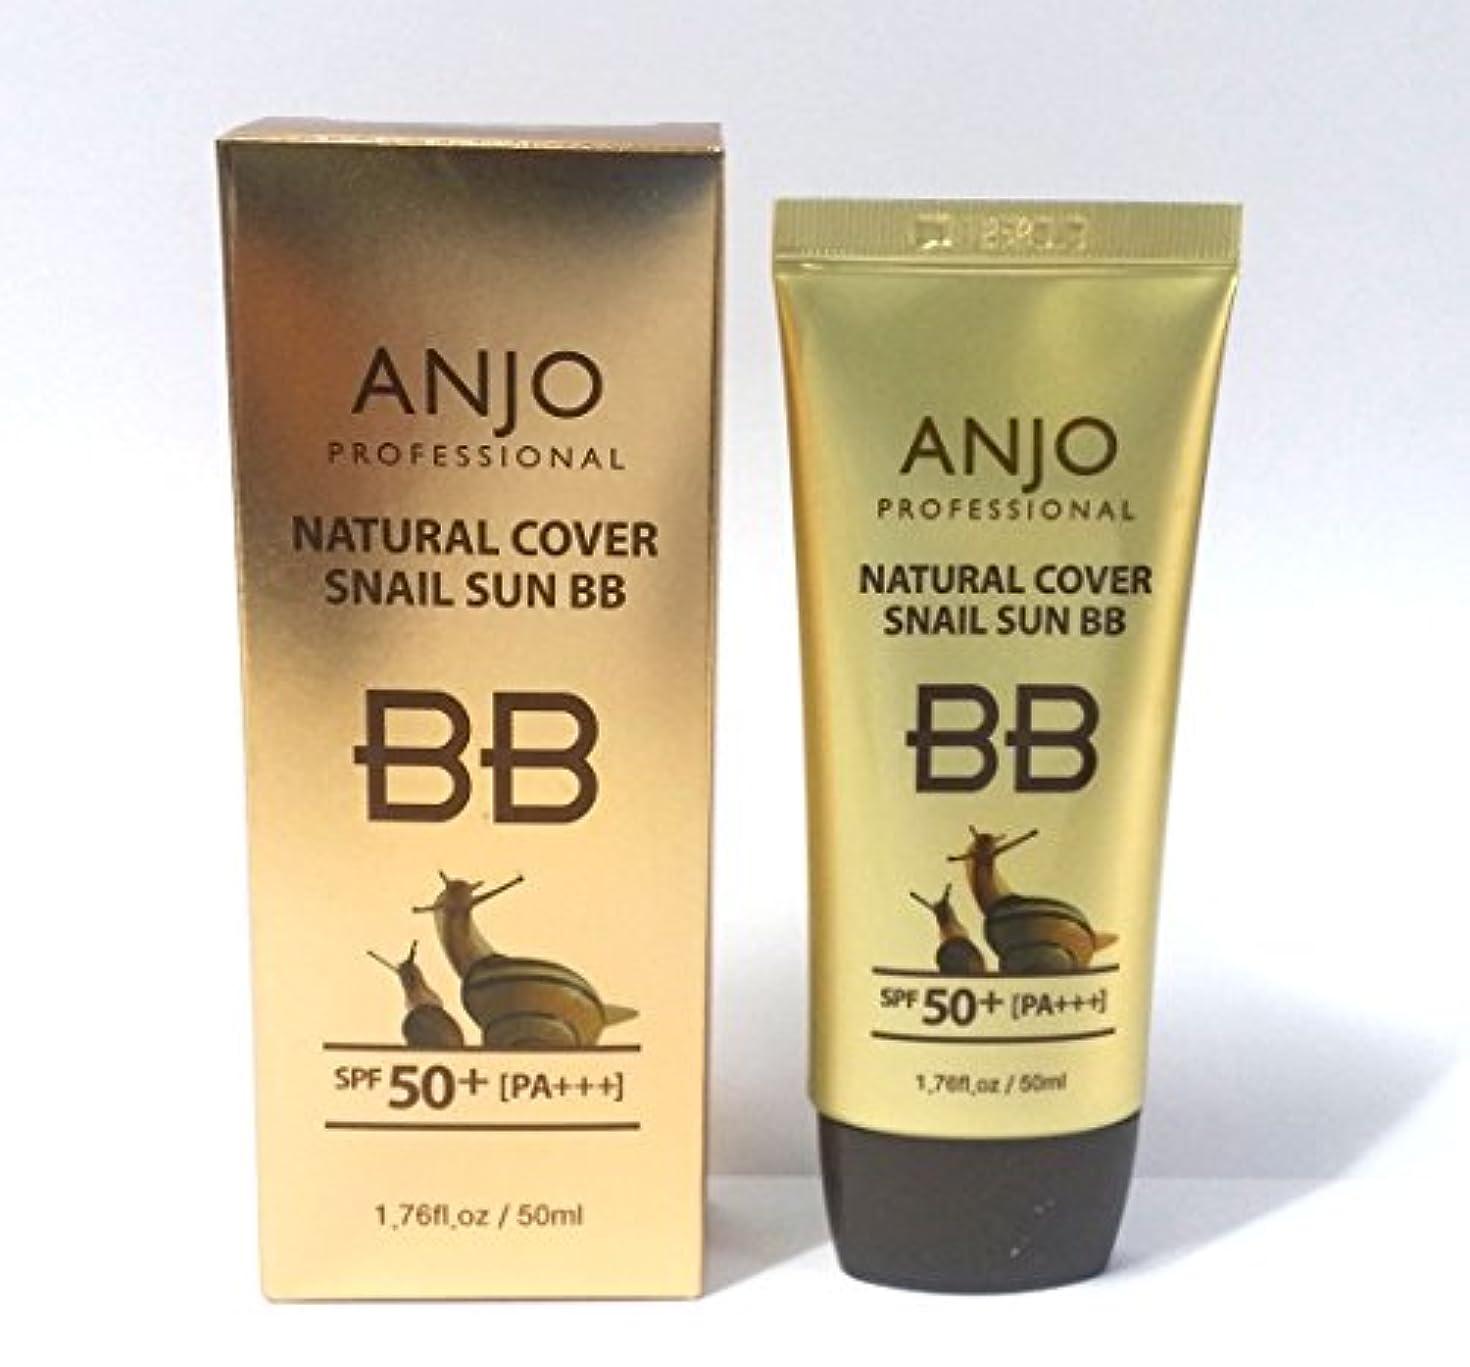 ご近所買い物に行くアジテーション[ANJO] ナチュラルカバーカタツムリサンBBクリームSPF 50 + PA +++ 50ml X 6EA /メイクアップベース/カタツムリ粘液 / Natural Cover Snail Sun BB Cream SPF...